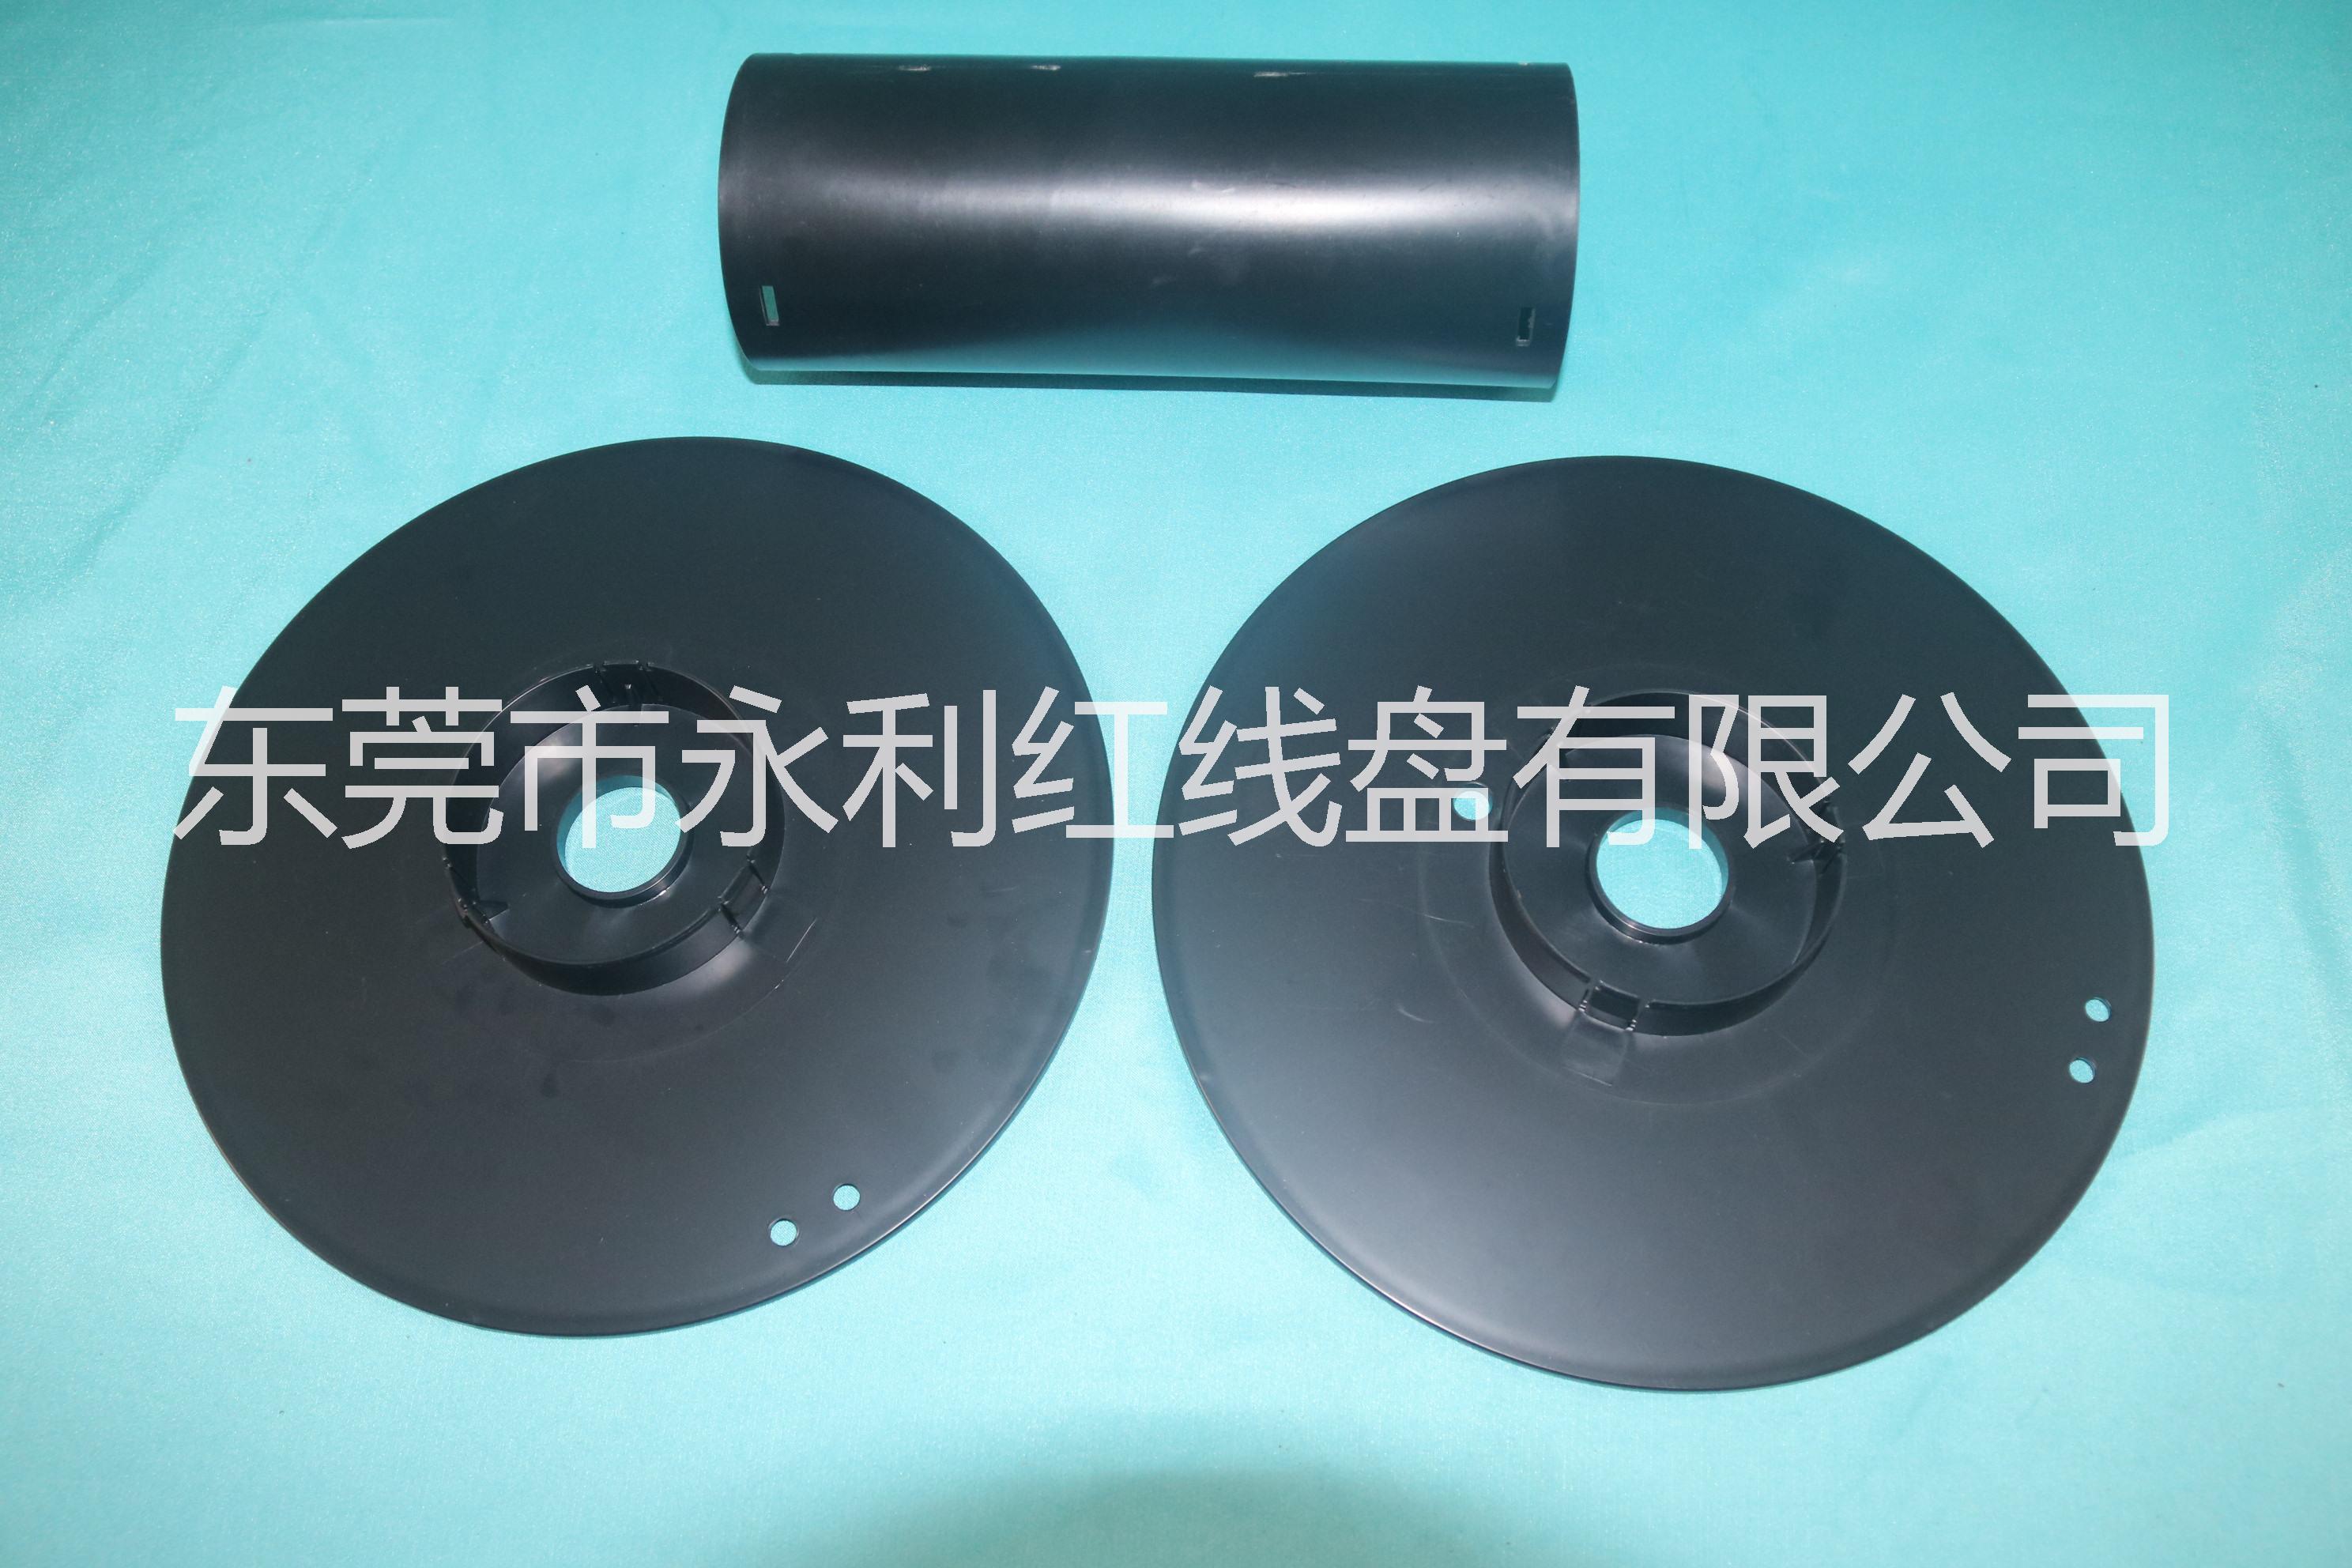 哪里有组装塑料线盘价格/哪里有组装塑料线盘厂家,价格优惠